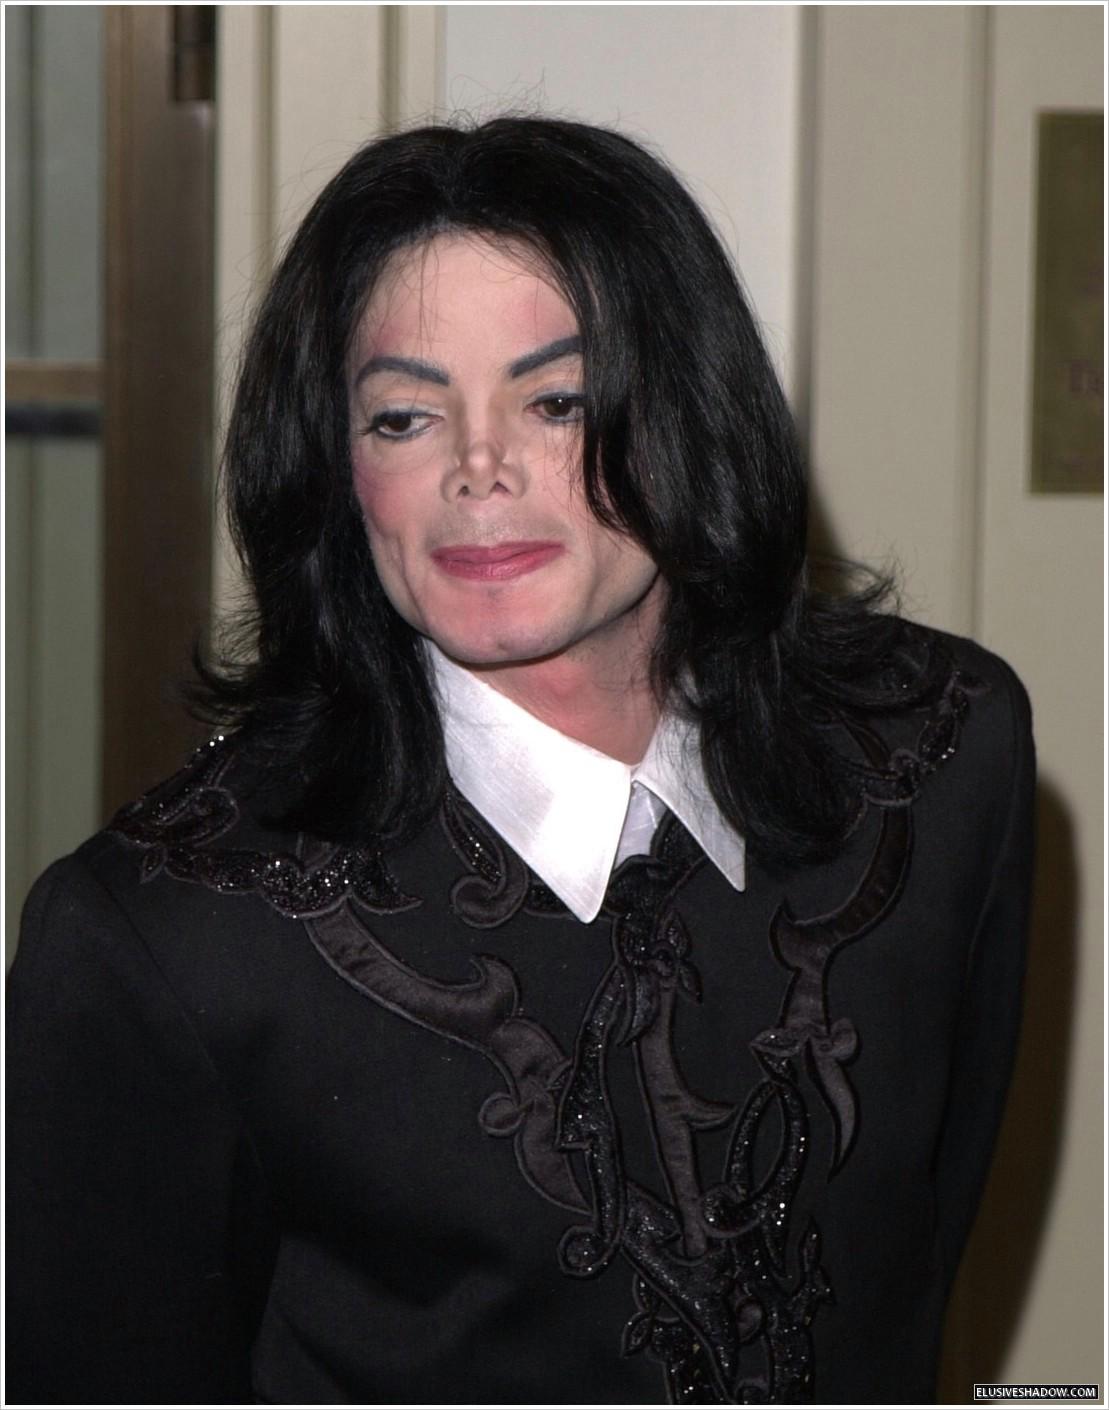 http://1.bp.blogspot.com/-Q9jc7QUssfk/UN3b2H1EYBI/AAAAAAAAk0g/K5qkH3ShnrE/s1600/heal+the+kids+michael+jackson+2001+carnegie+hall+(4).jpg